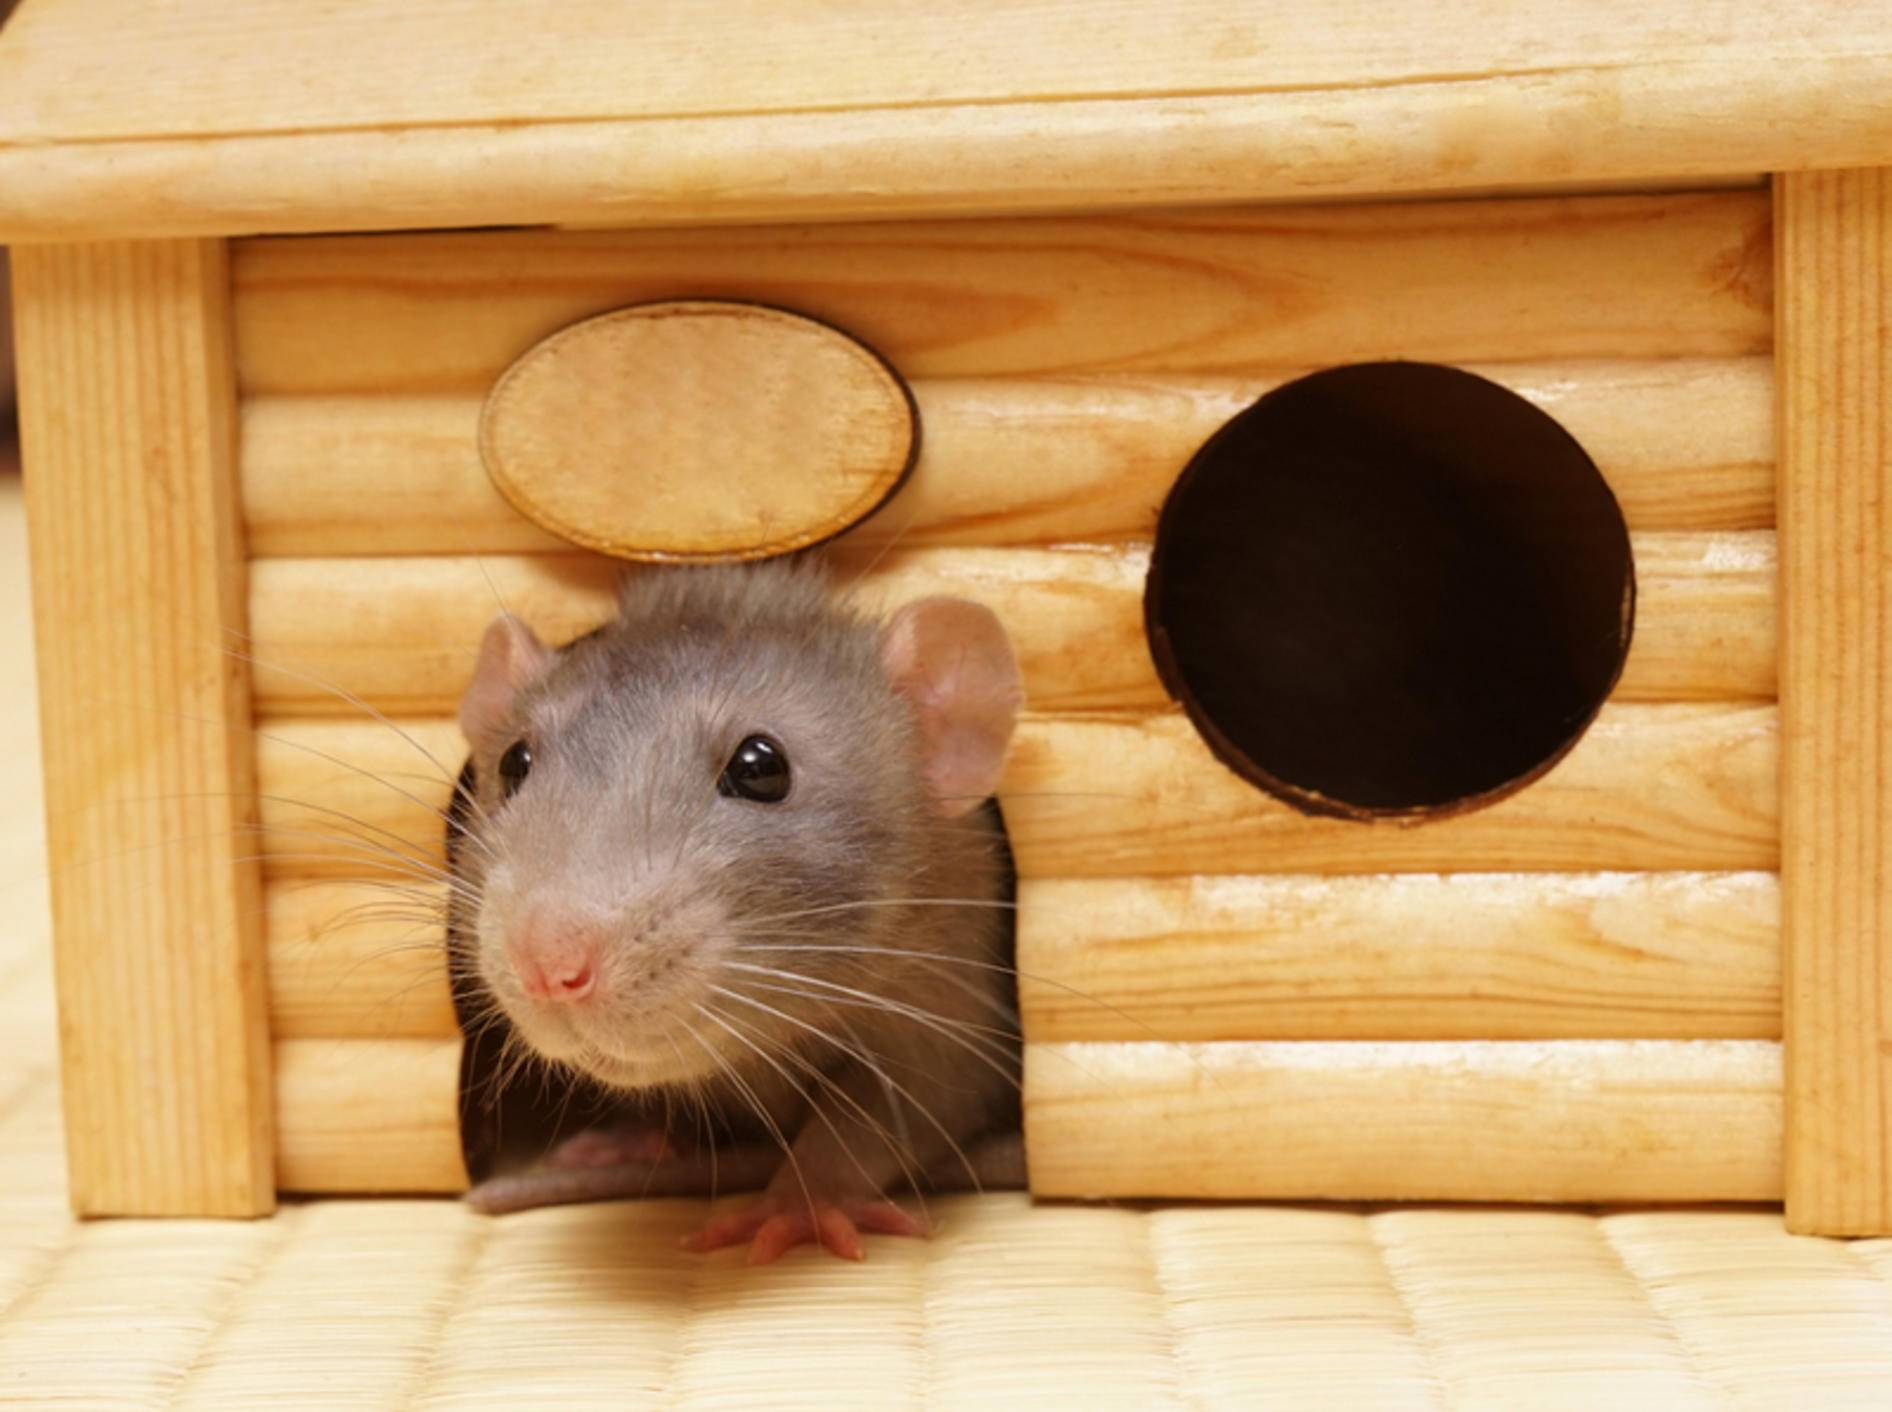 """""""So, dann komm ich mal aus dem Schlafhaus und schau mich ein wenig in meinem Mäusegehege um"""" – Shutterstock / Shcherbakov Ilya"""